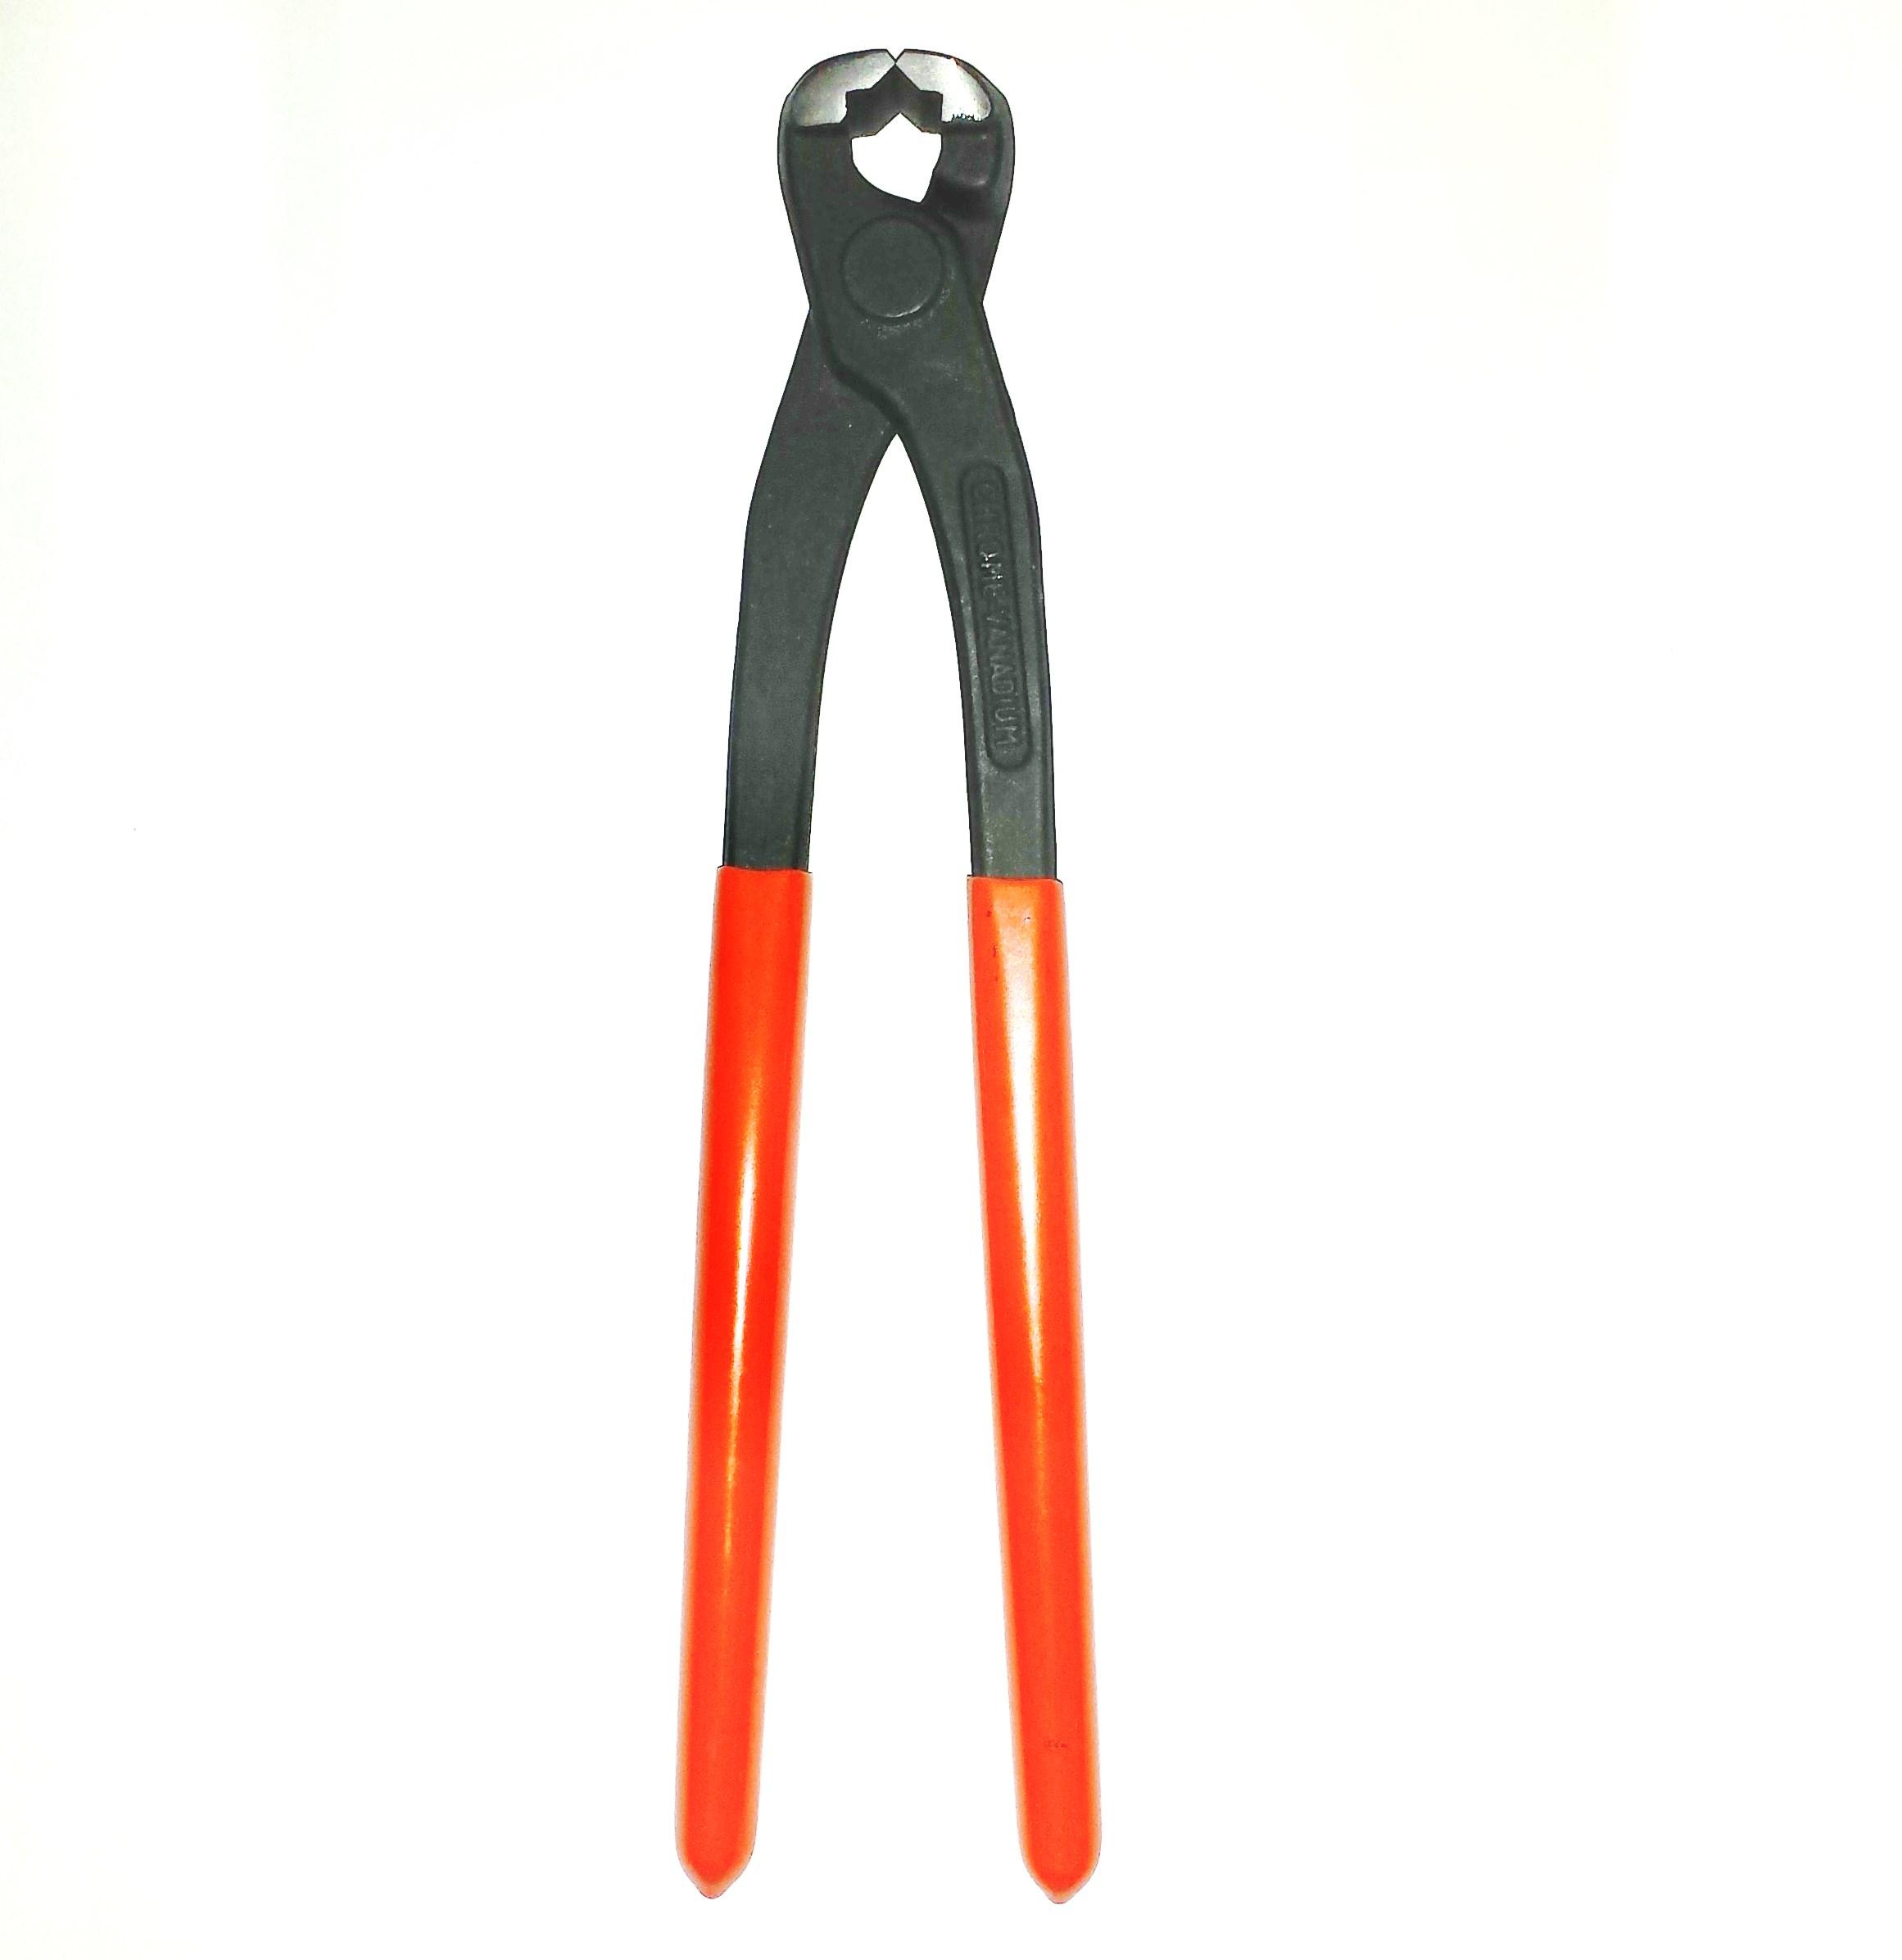 CT108 SH - Dawn Short Handle Professional Crimping Tool